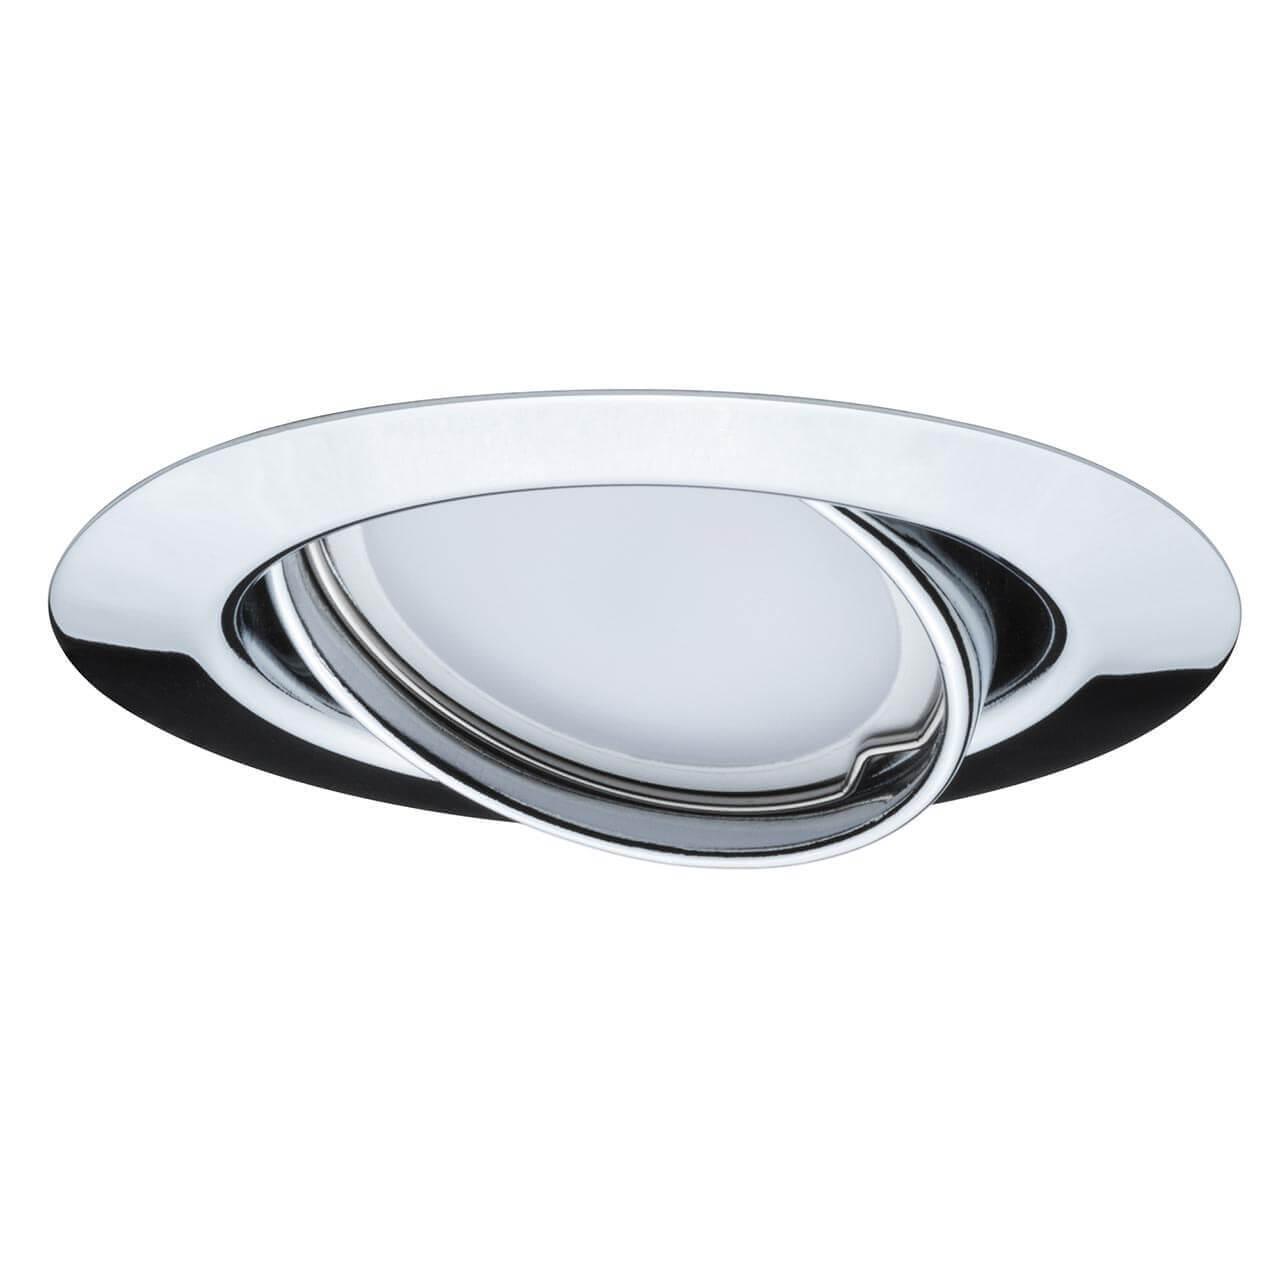 Встраиваемый светодиодный светильник Paulmann Qual EBL Led 93847